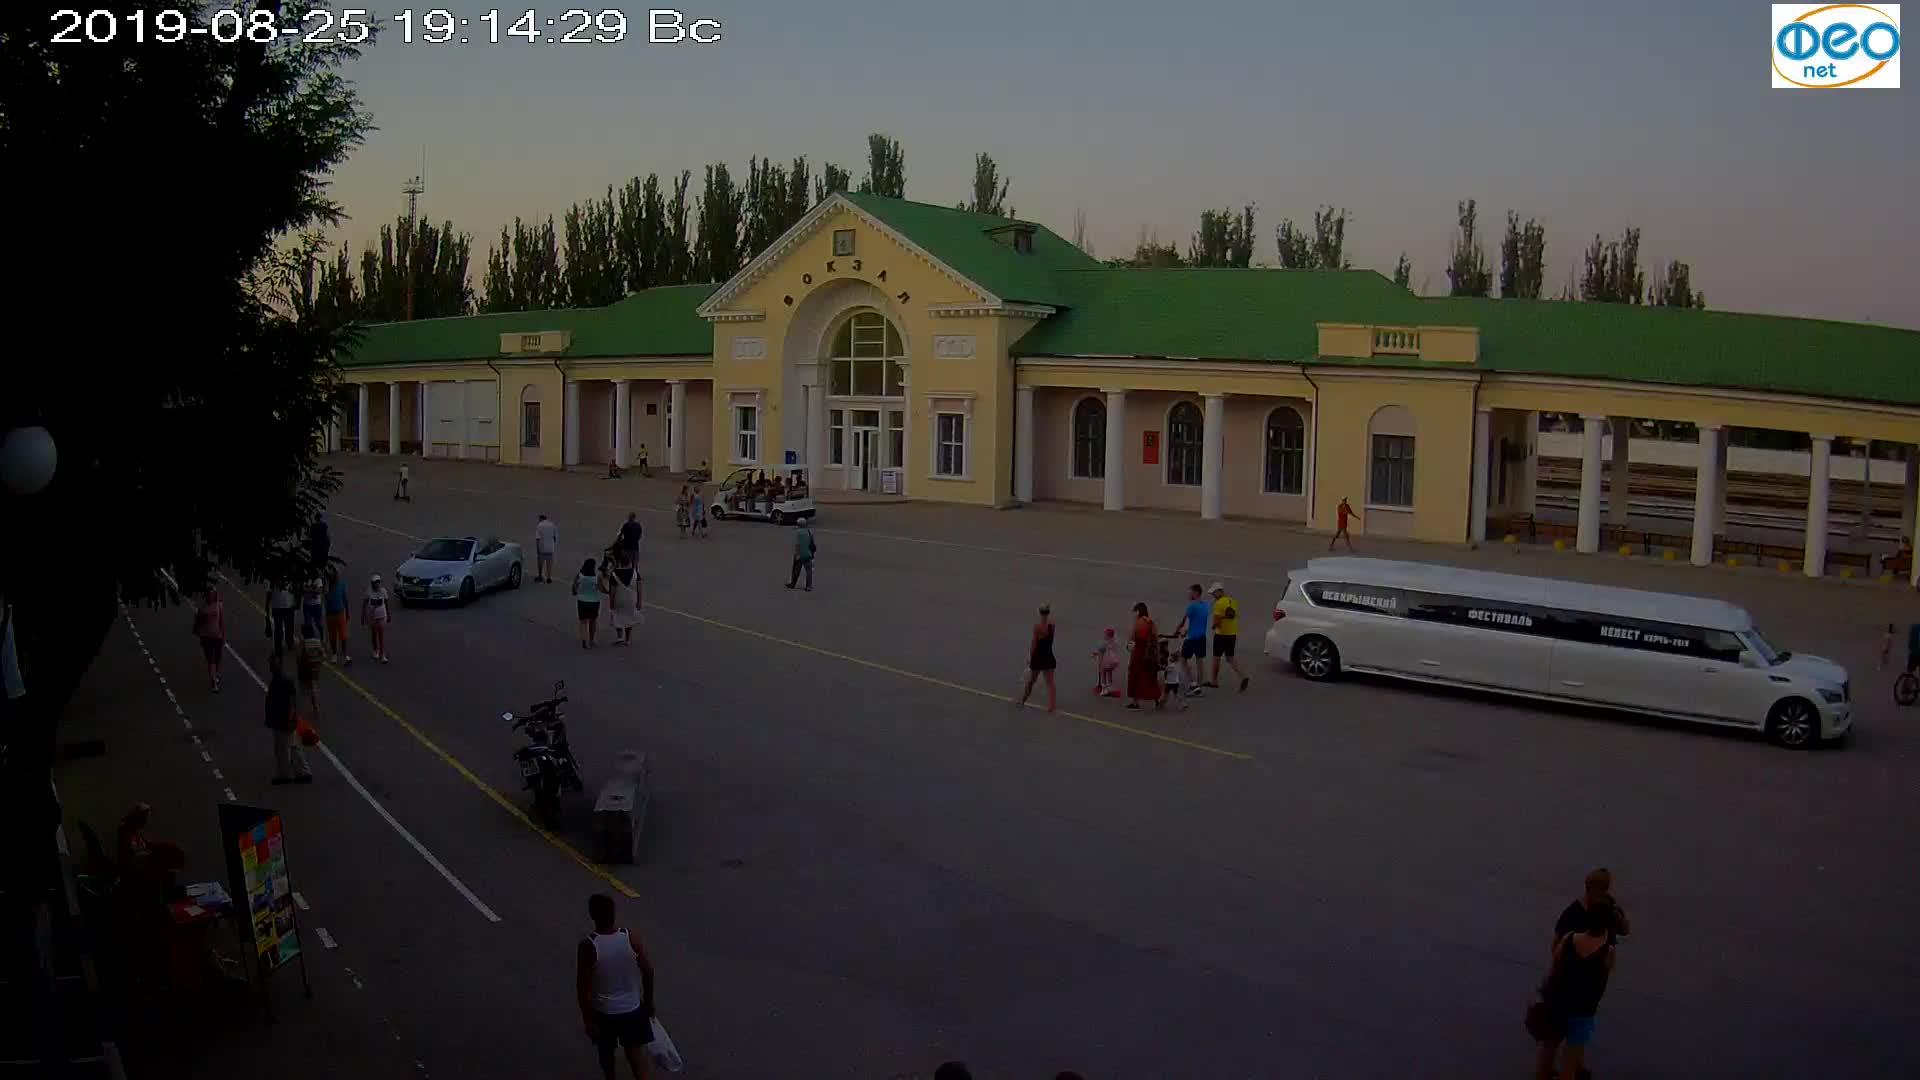 Веб-камеры Феодосии, Привокзальная площадь, 2019-08-25 19:30:06